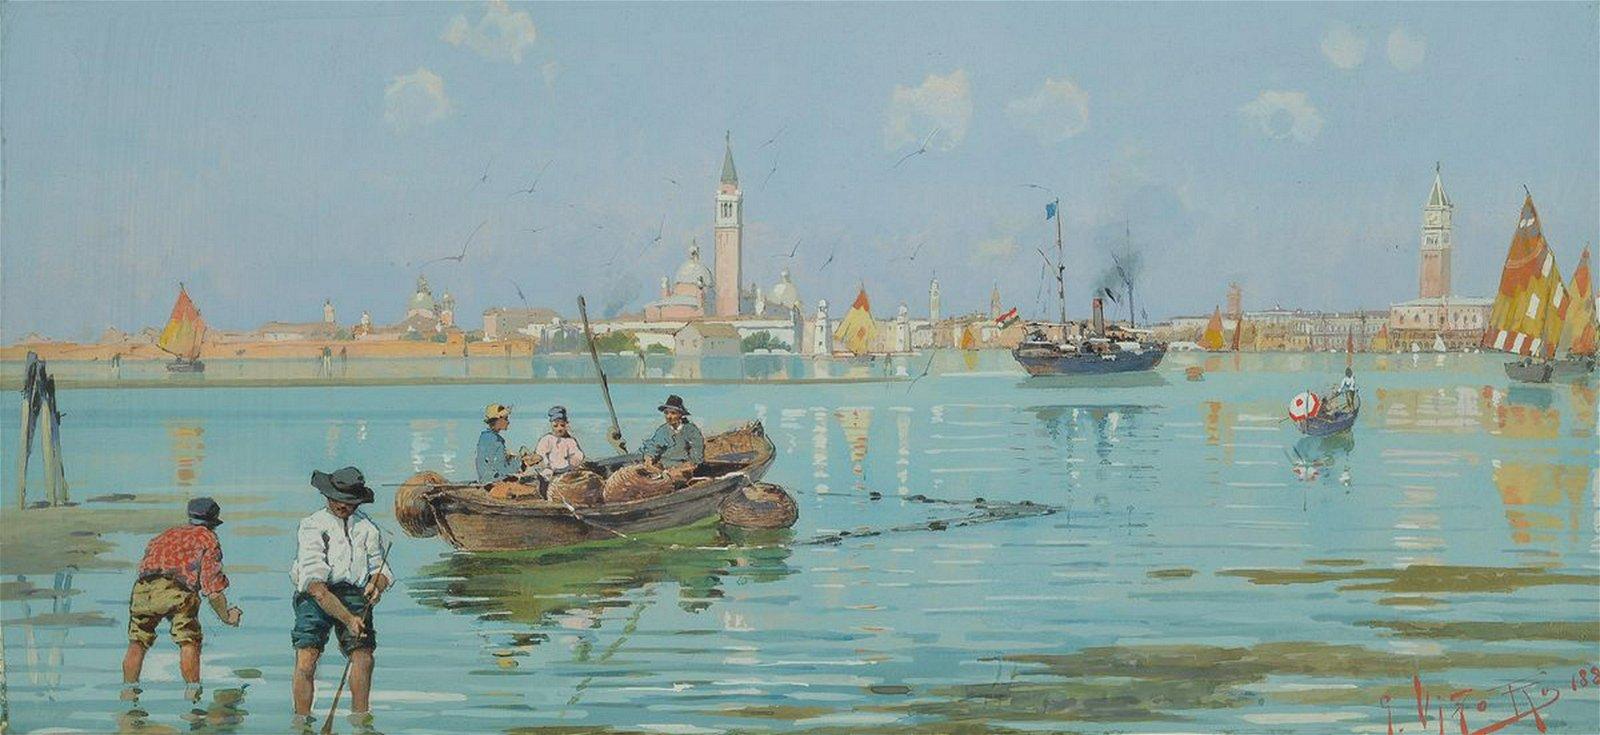 Veduta di Venezia con Basilica di San Marco, Campanile e Palazzo ducale